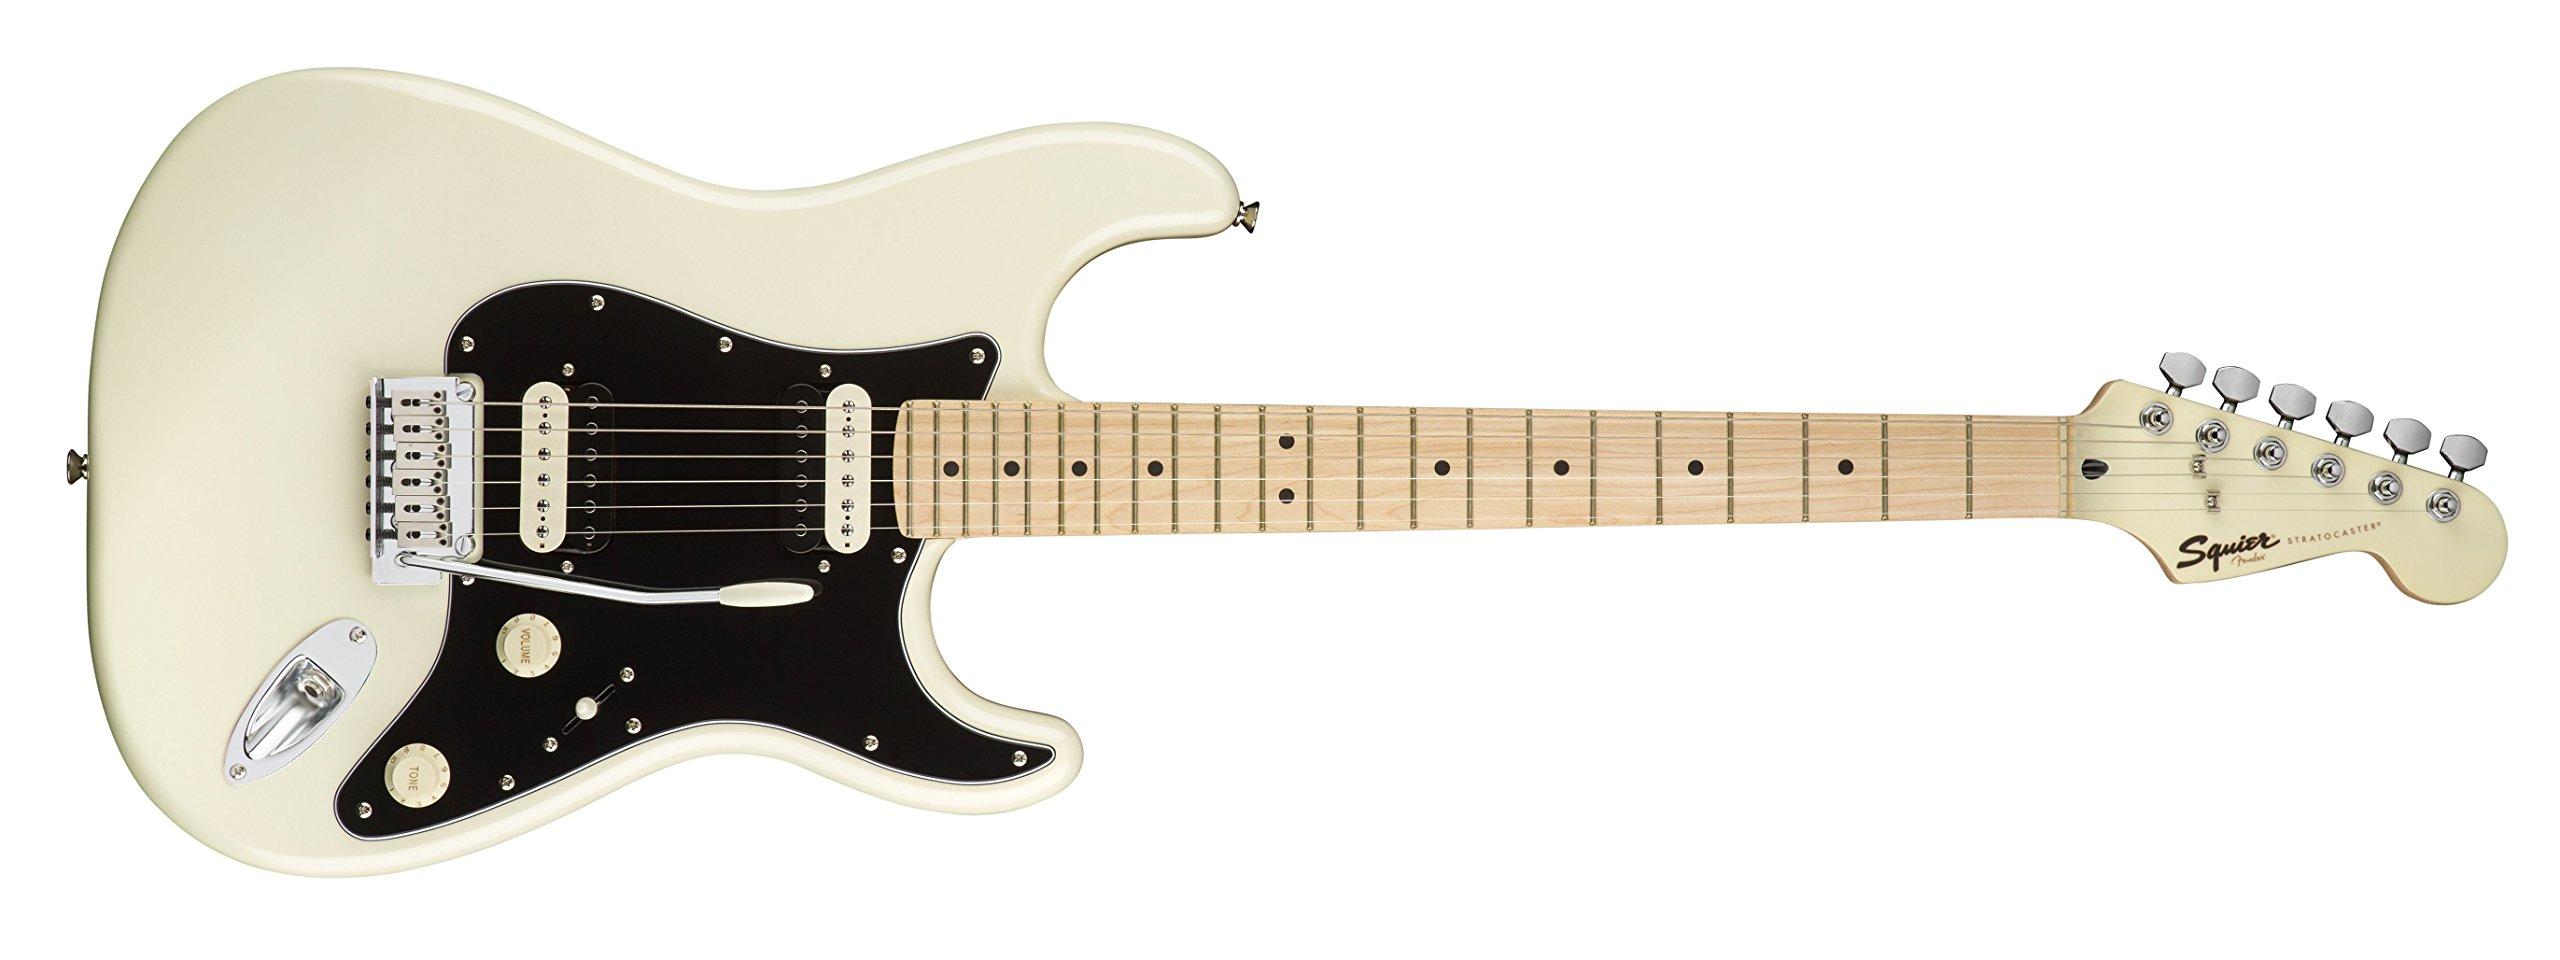 Squier por Fender Stratocaster Guitarra eléctrica – contemporáneo hh – arce diapasón – Pearl Color Blanco: Amazon.es: Instrumentos musicales